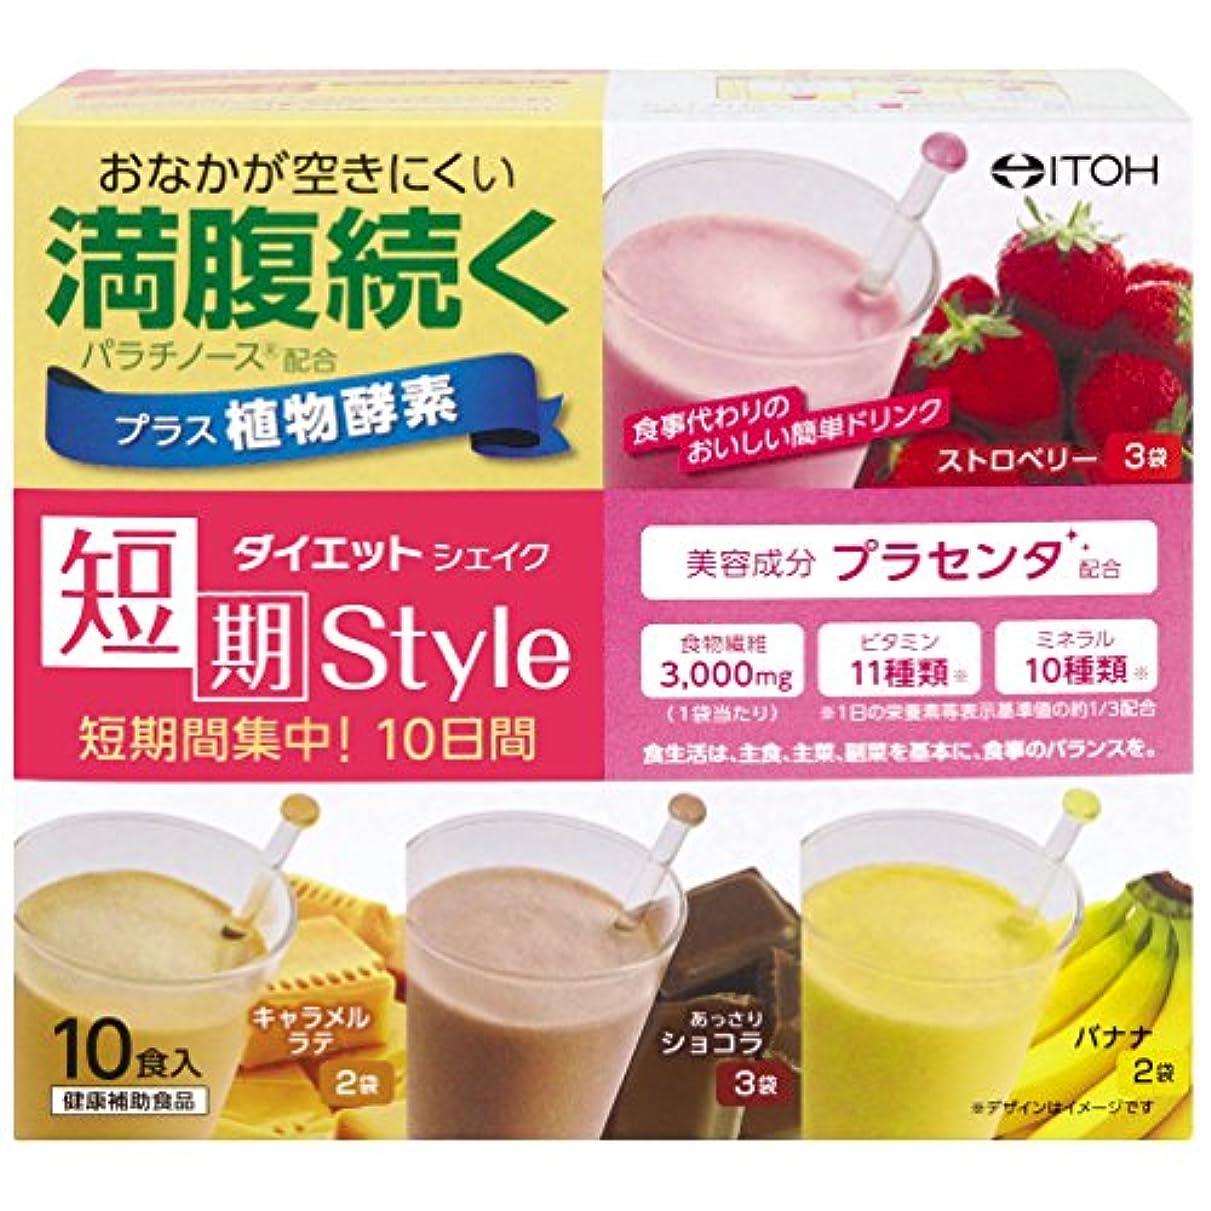 のスコア変形する突破口井藤漢方製薬 短期スタイル ダイエットシェイク 10食分 25gX10袋